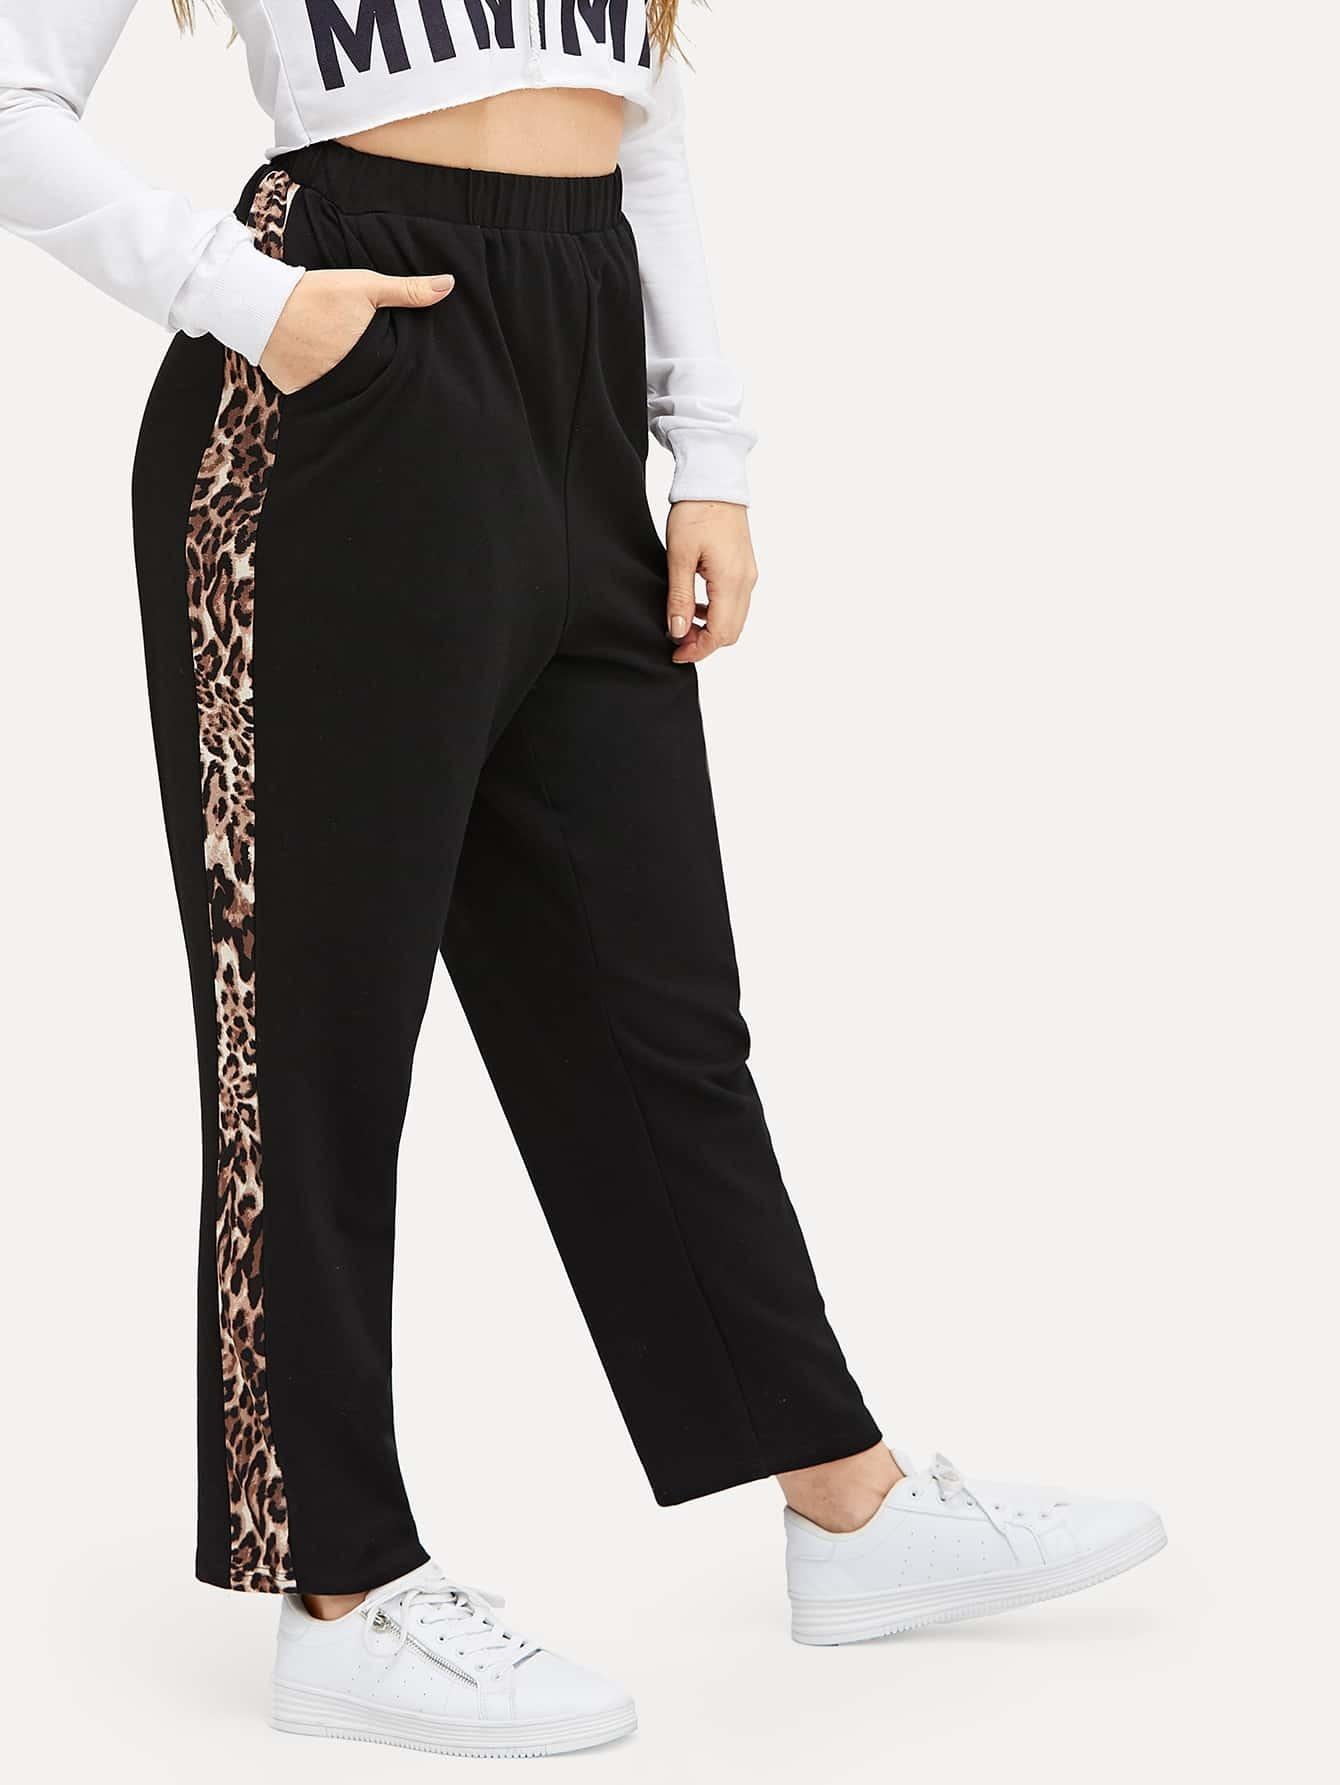 Купить Спортивные брюки с леопардовым принтом размера плюс, Isabela, SheIn